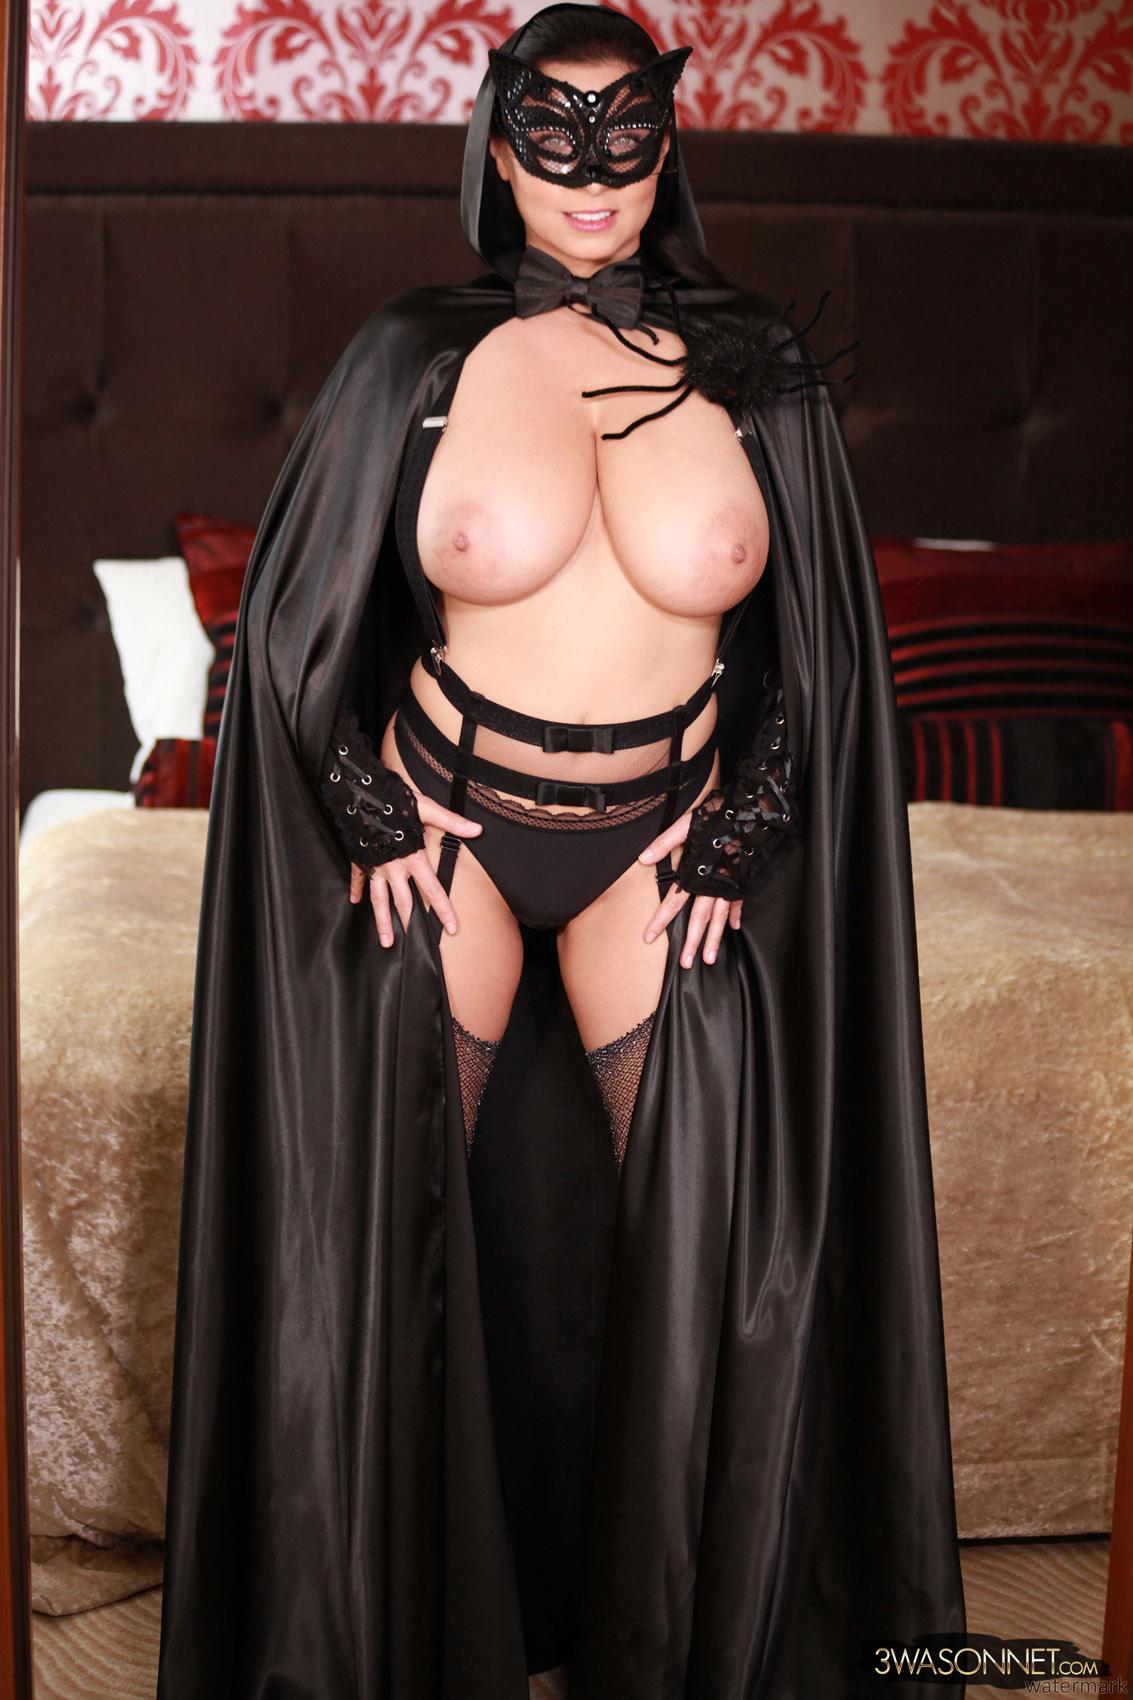 Ewa Sonnet Pussy inside ewa sonnet pussy cat fantasy halloween - curvy erotic